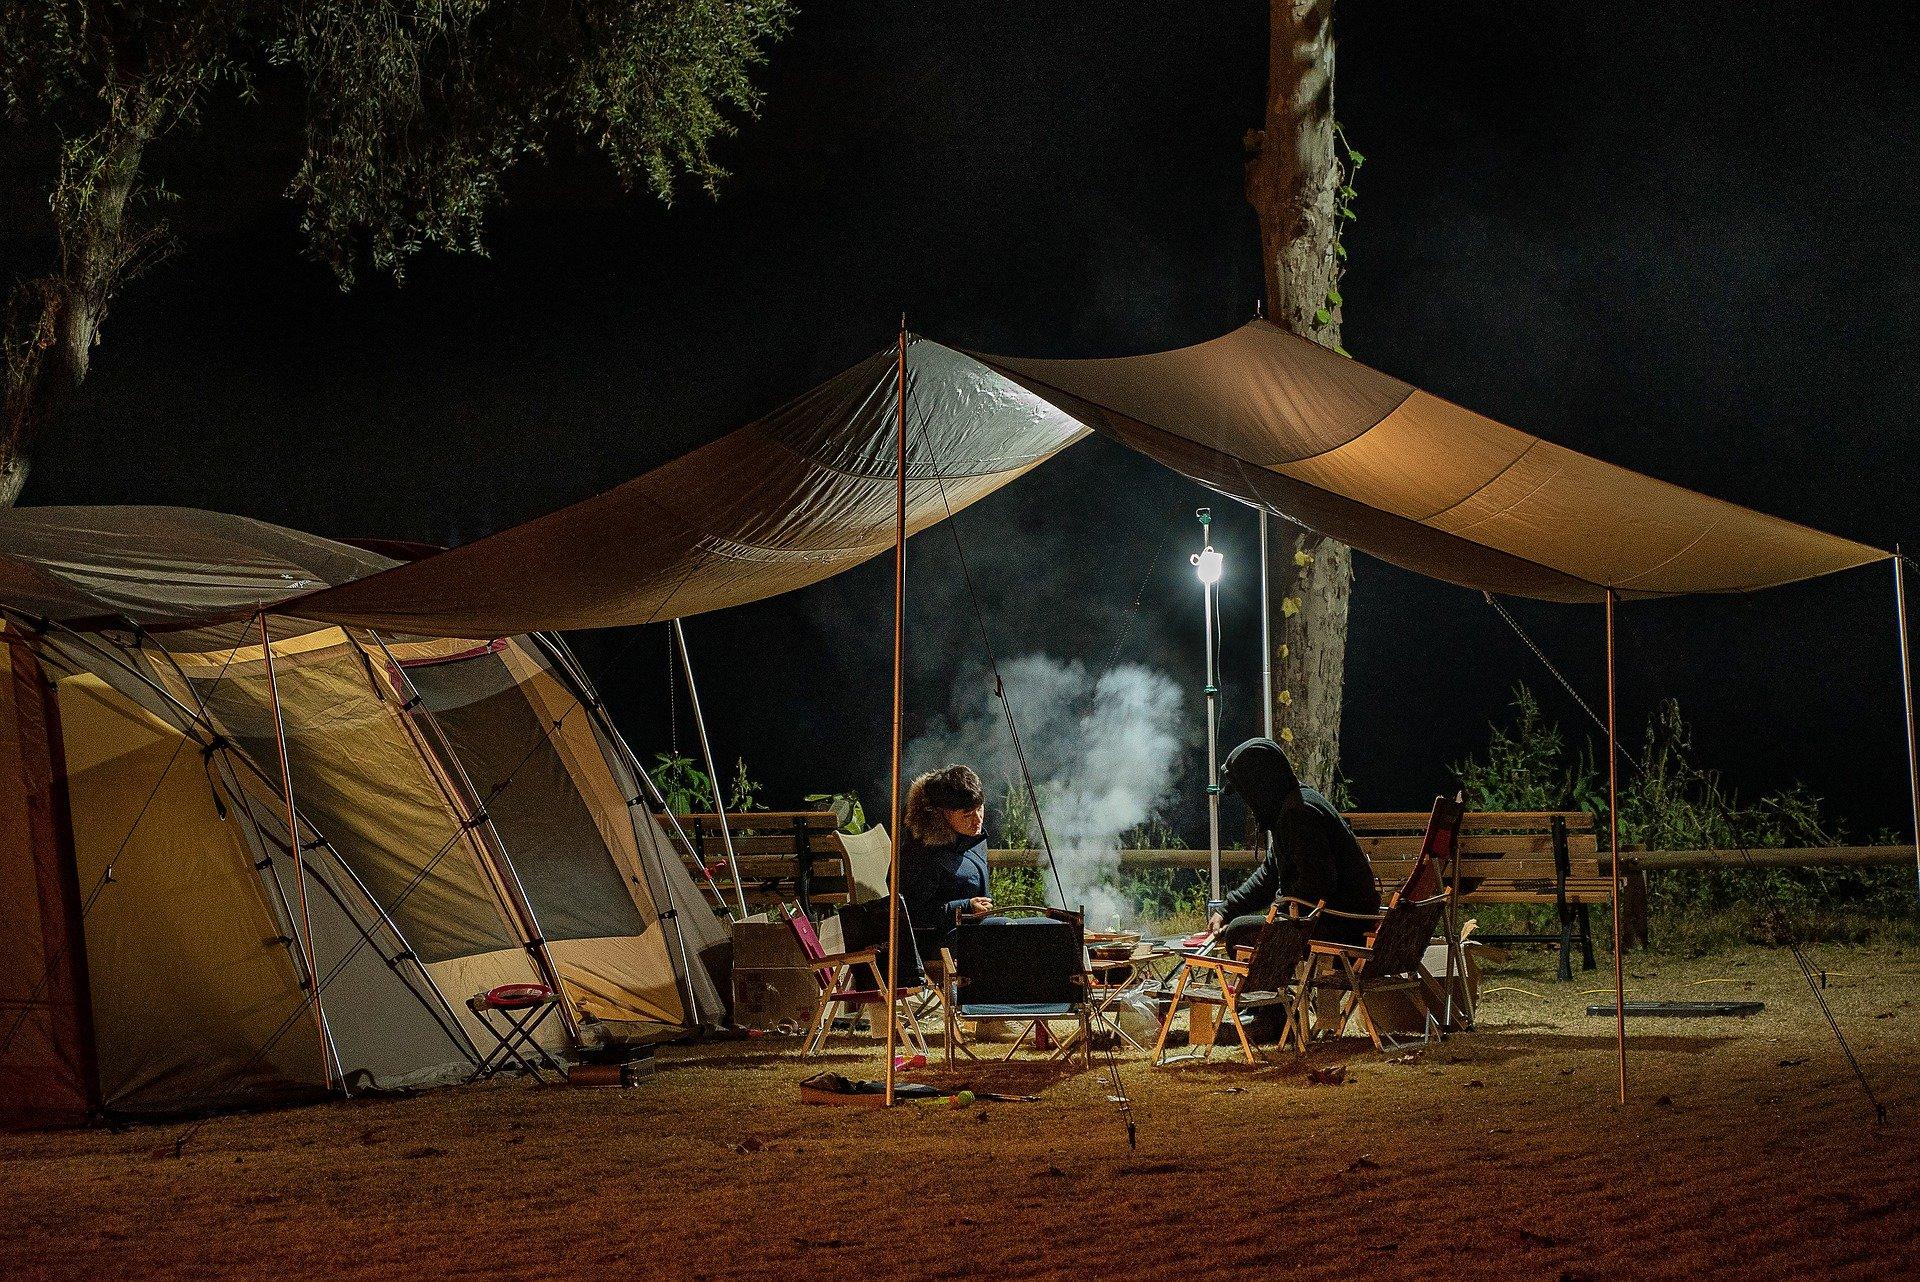 Skaffa rätt campingutrustning